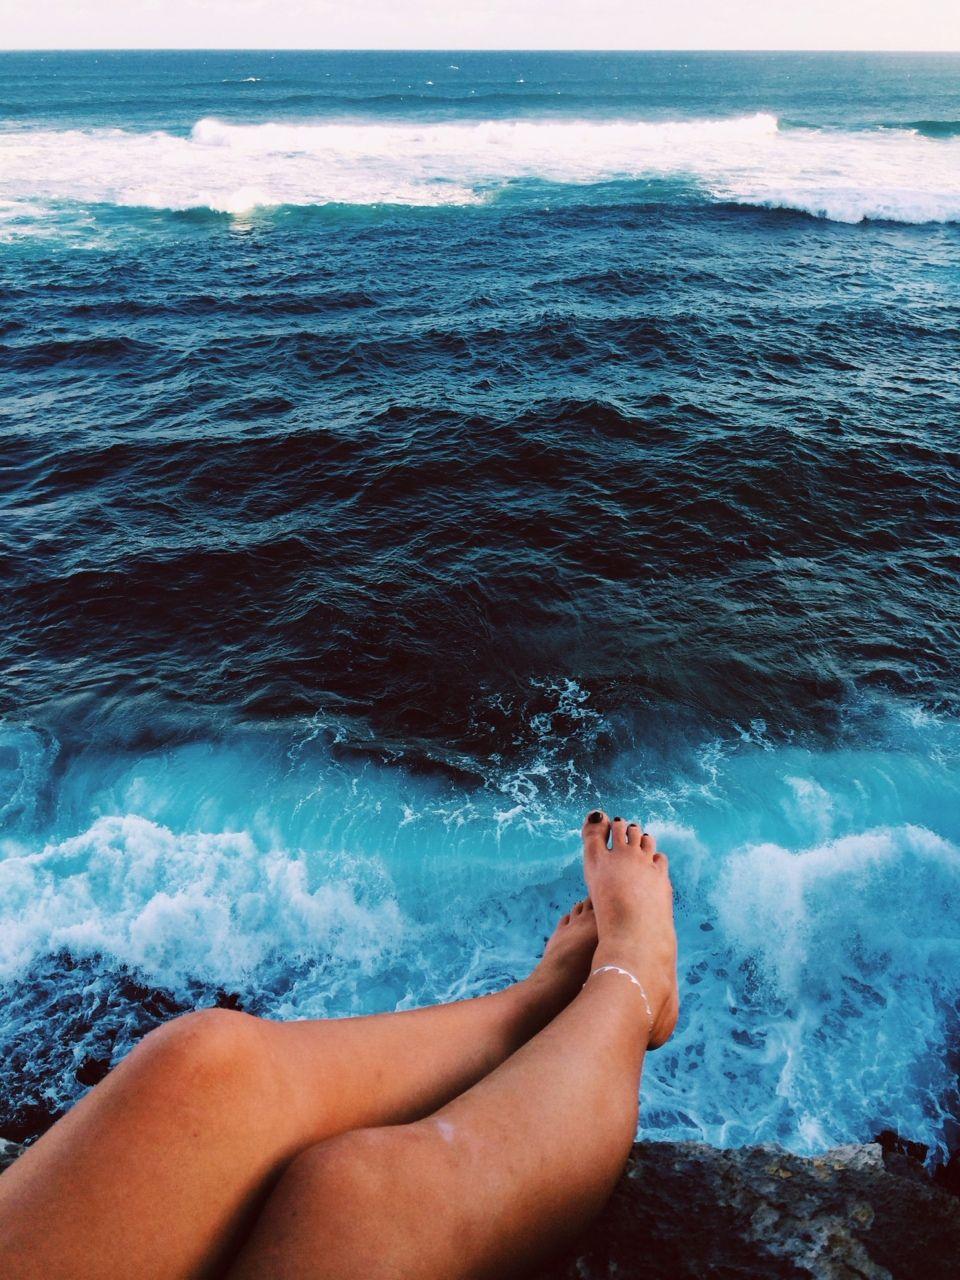 Фото картинки на аву море